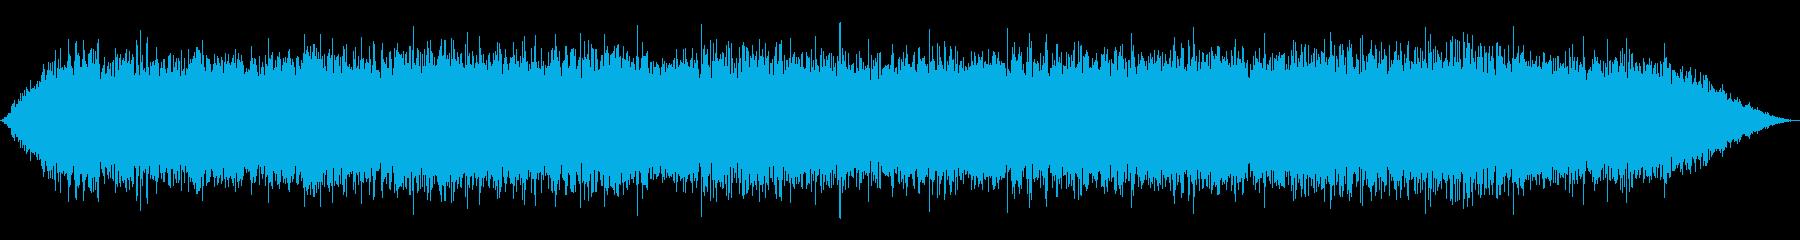 風雨の再生済みの波形